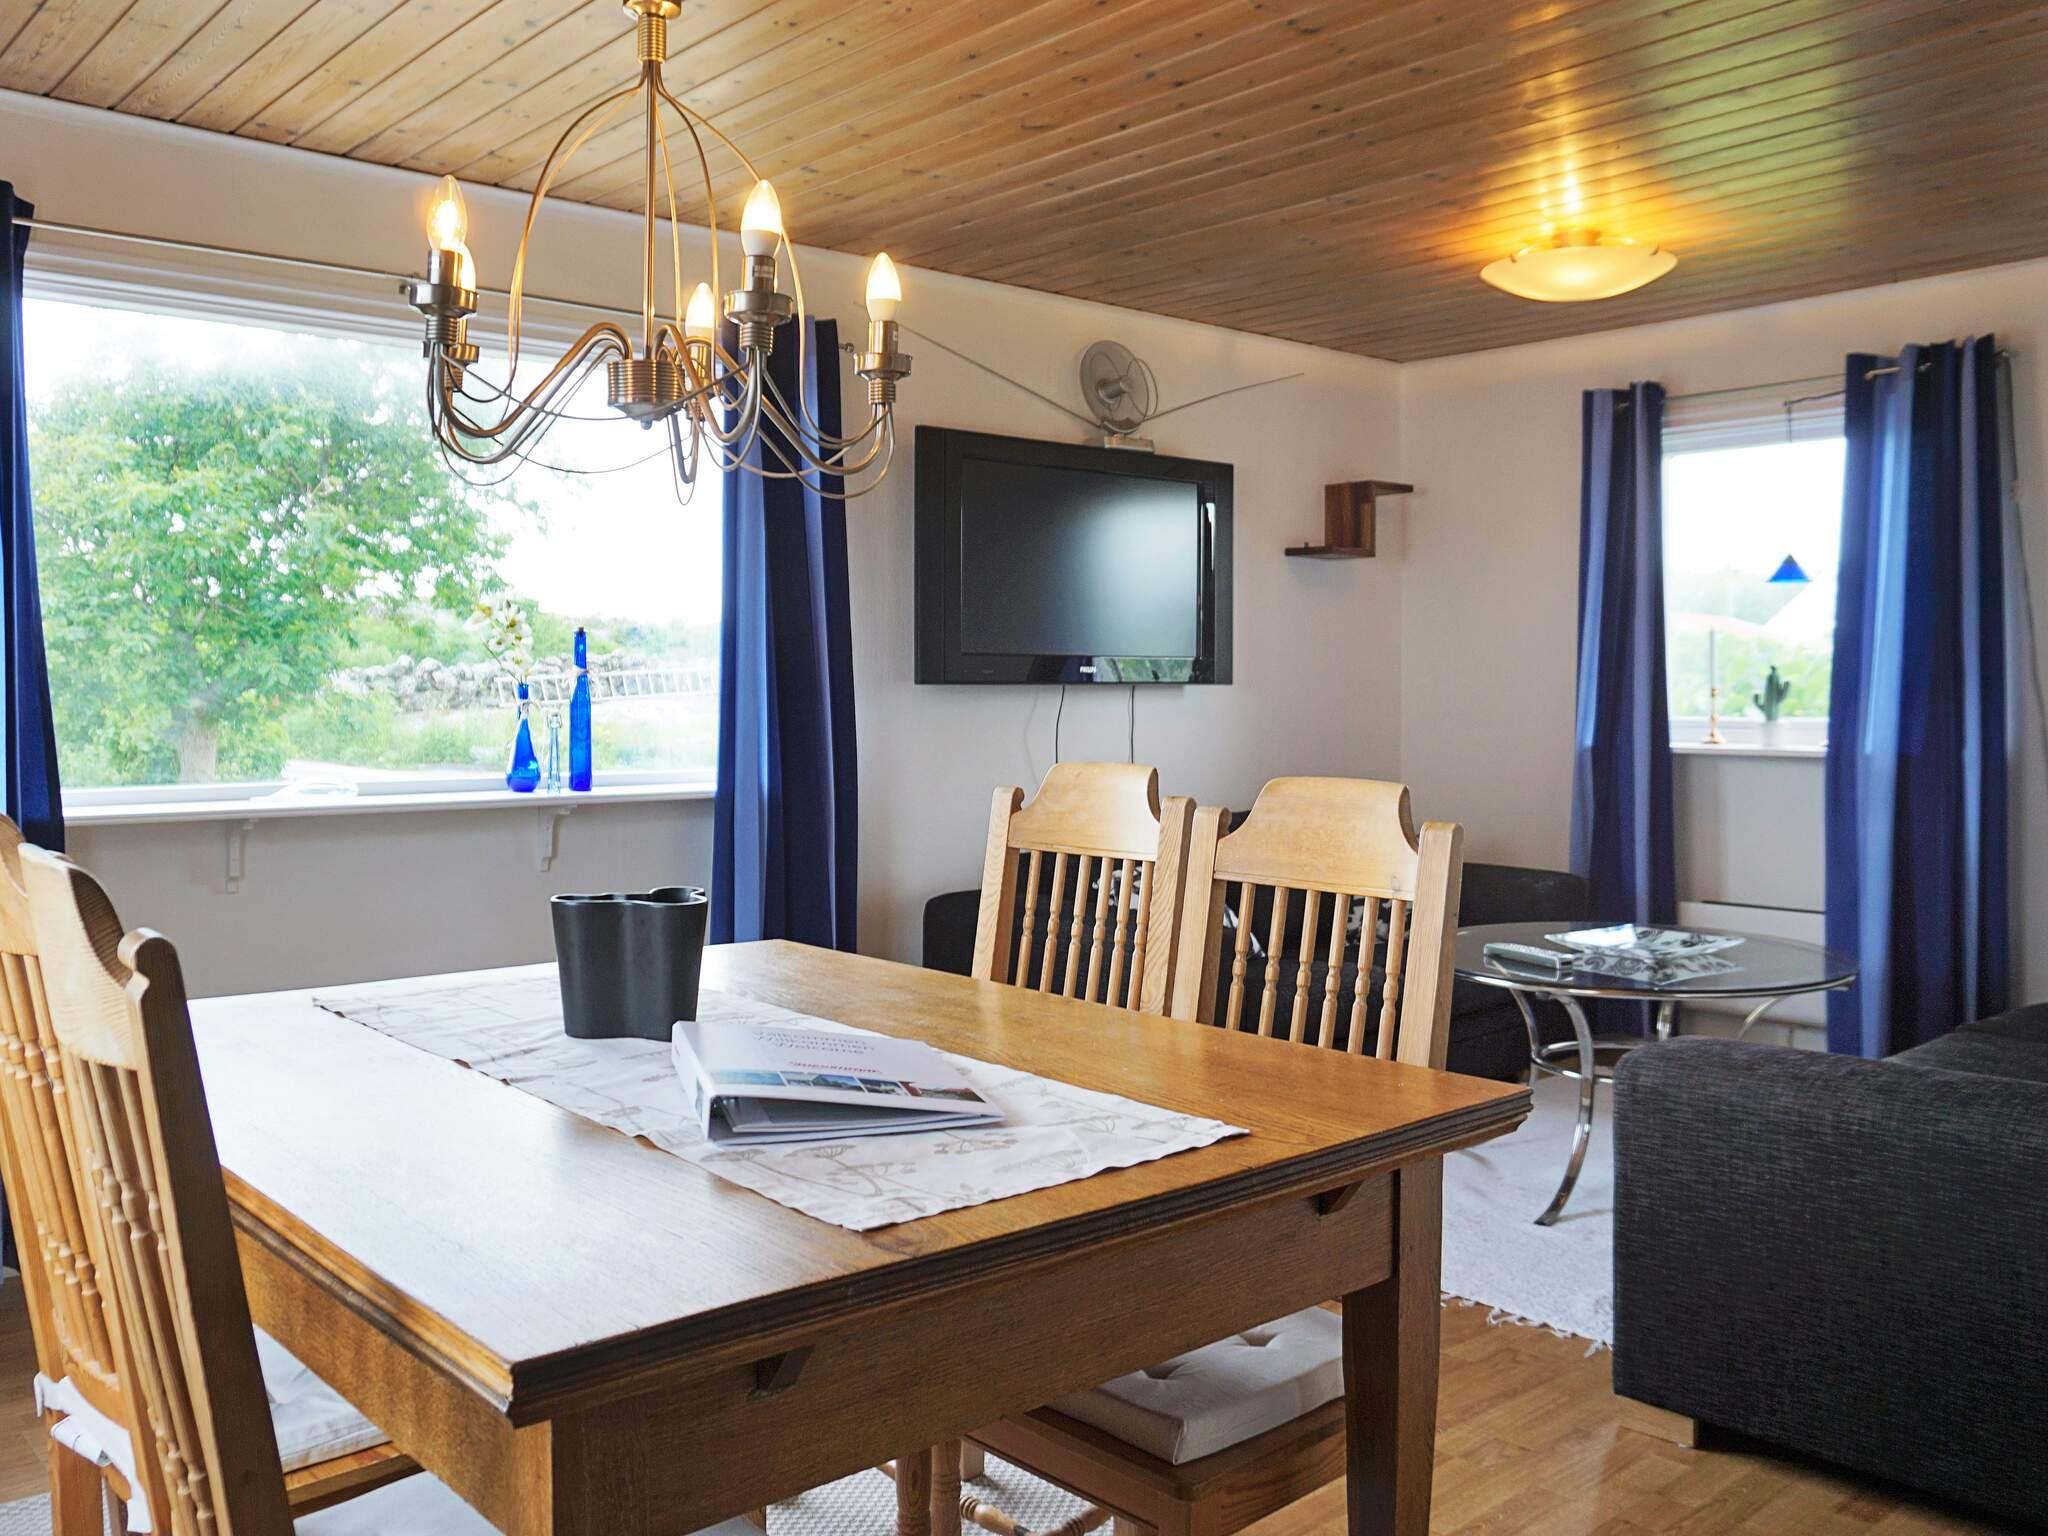 Ferienhaus Väjern (2636847), Kungshamn, Västra Götaland län, Westschweden, Schweden, Bild 3